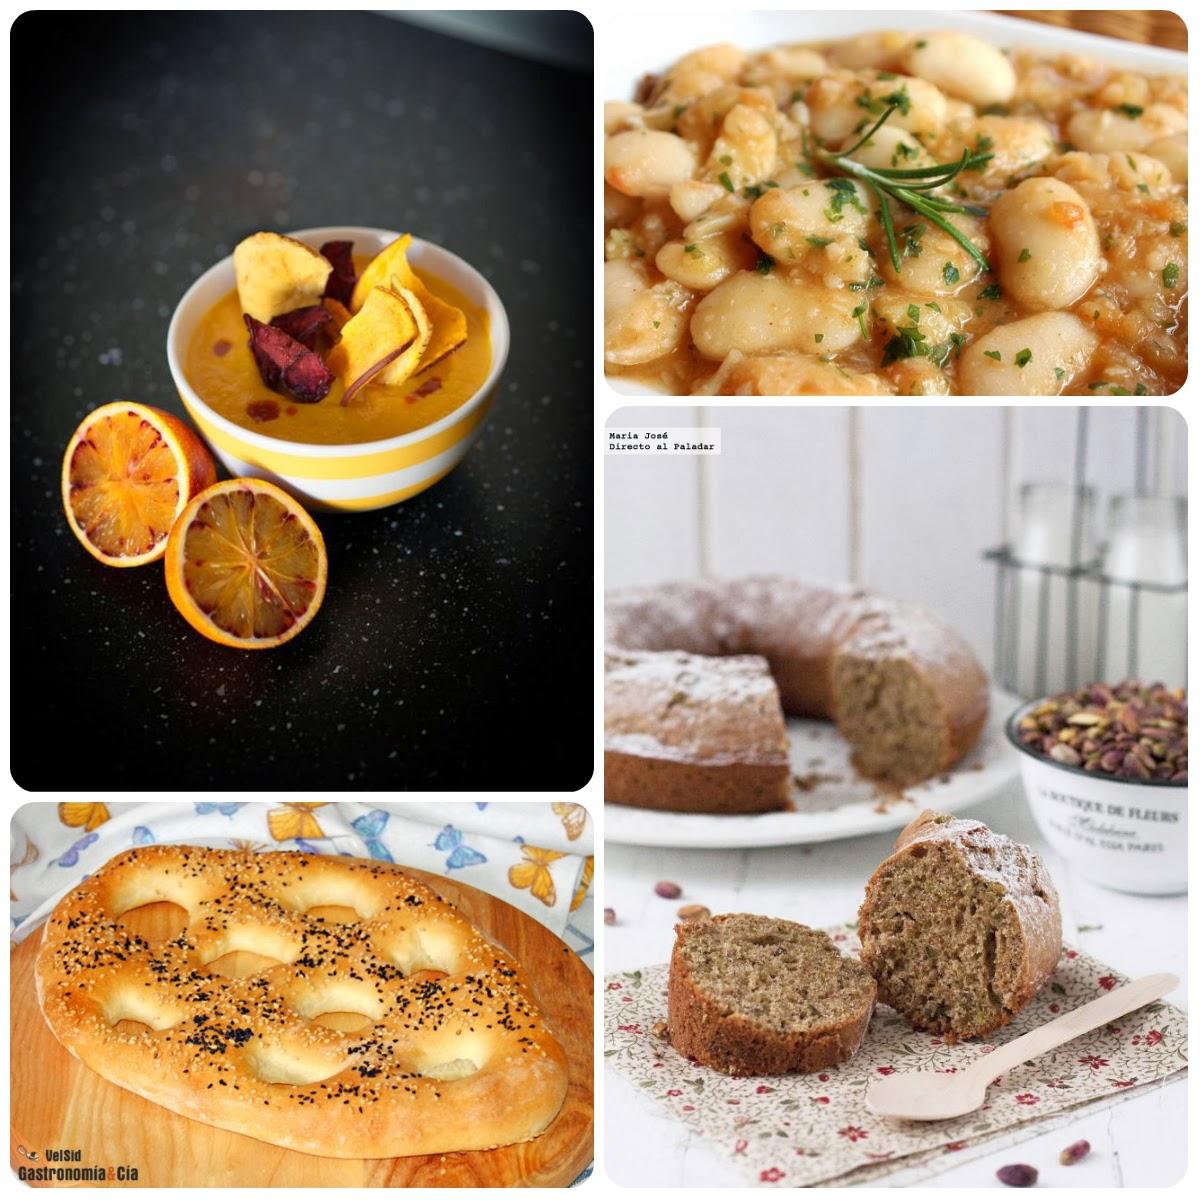 Cuarto menú vegetariano con recetas de otros blogs.